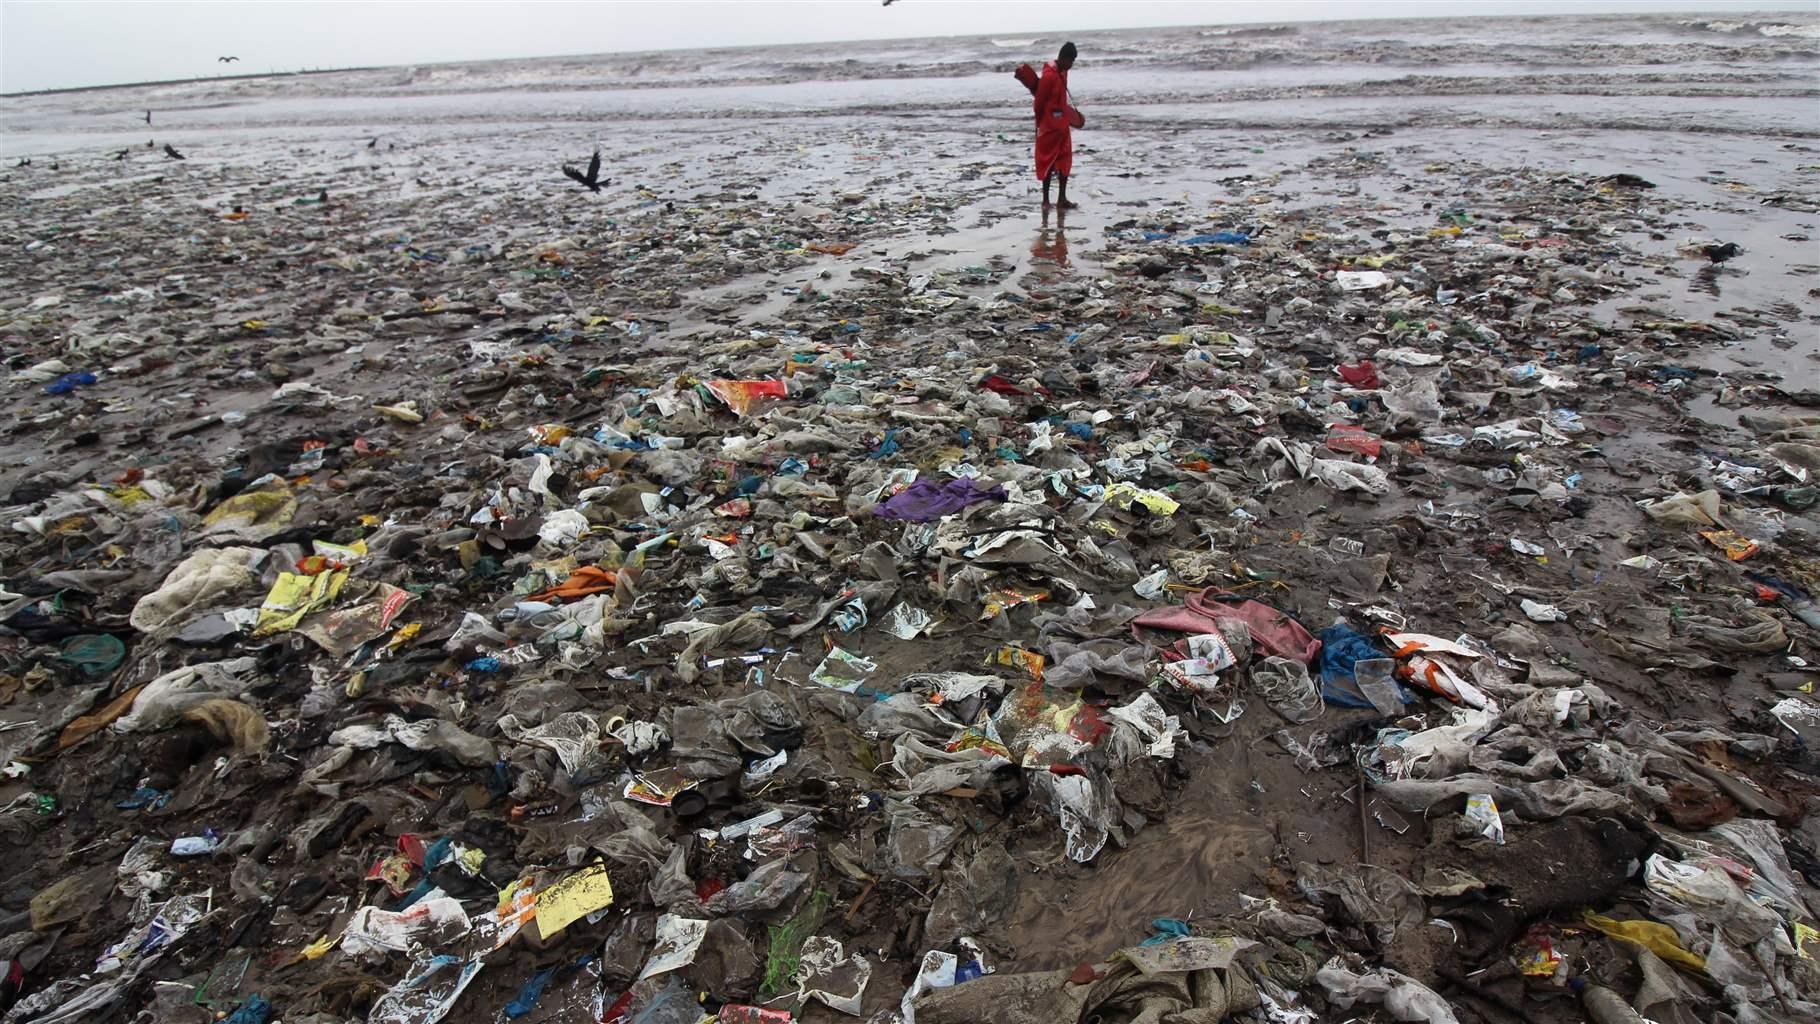 THE OCEAN PLASTICS PROBLEM | Thongchai Thailand